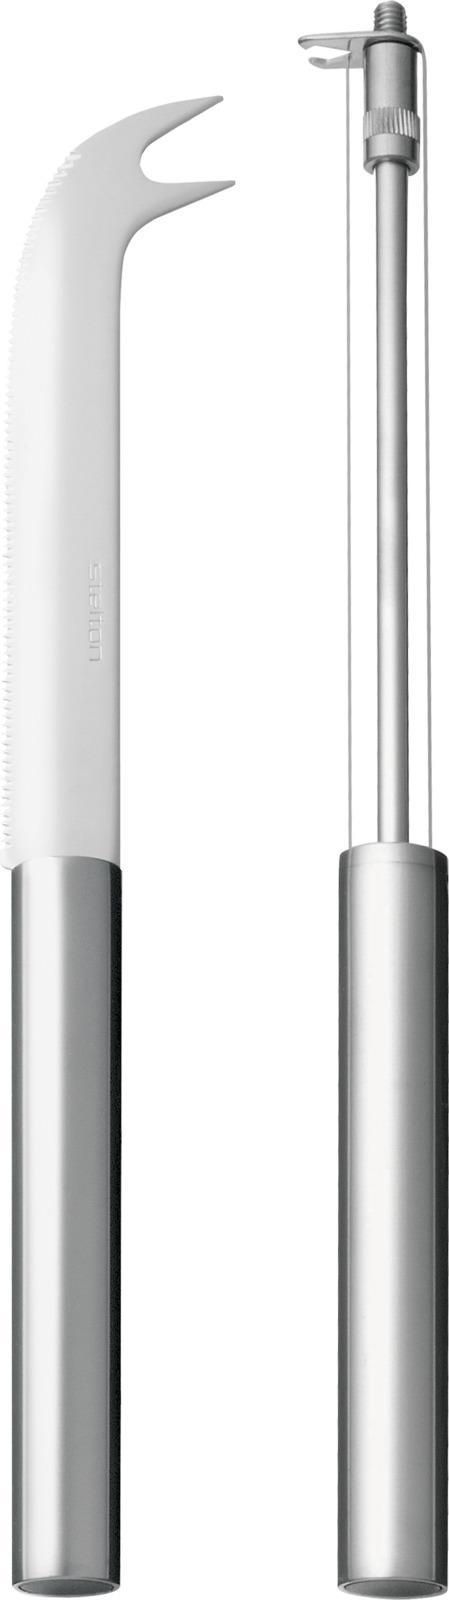 Барный нож изготовлен из высококачественной нержавеющей стали и может быть использован в баре, чтобы нарезать, например, свежий лайм или как эелегантый нож для сыра.Нож-струна для резки сыра состоит из 2-х стальных струн, а также удобной вилки-наконечника, которой удобно накалывать нарезанный сыр. Сыр, который сложно нарезать обычным ножом из-за того, что он липнет, быстро и легко можно нарезать на тонкие или толстые ломтики ножом-струной. Нож отличает простой лаконичный дизайн и отличное качество сборки.